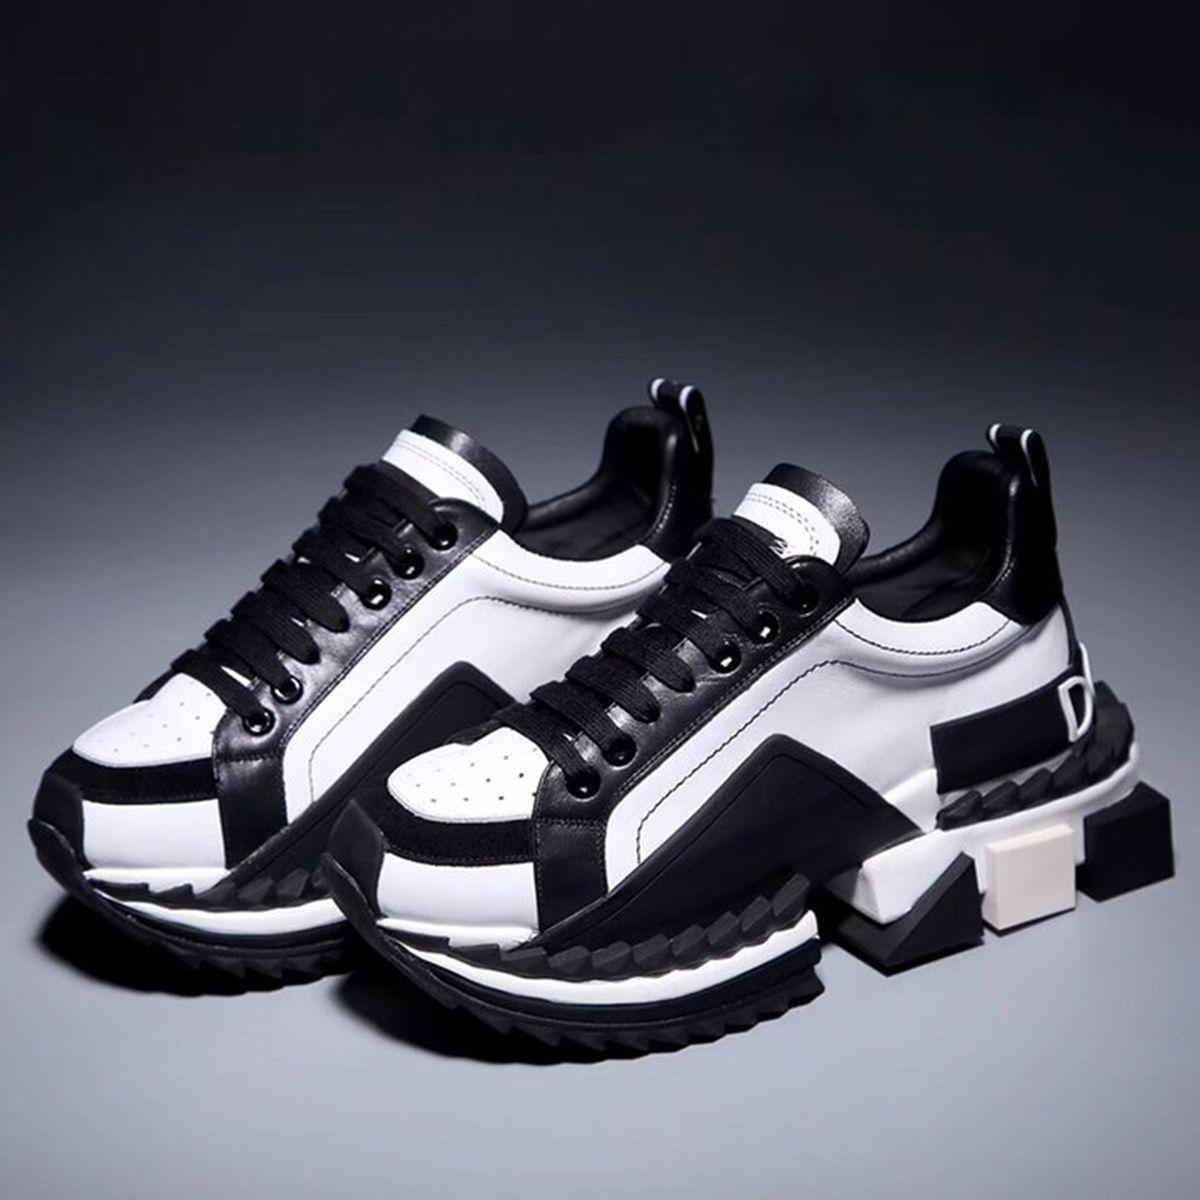 Sapatas de basquetebol das Chegada Sapatos de couro de esportes clássico executando Jogging Hot Sale Platform Casual Calçados Femininos Tamanho 35-42 Type2